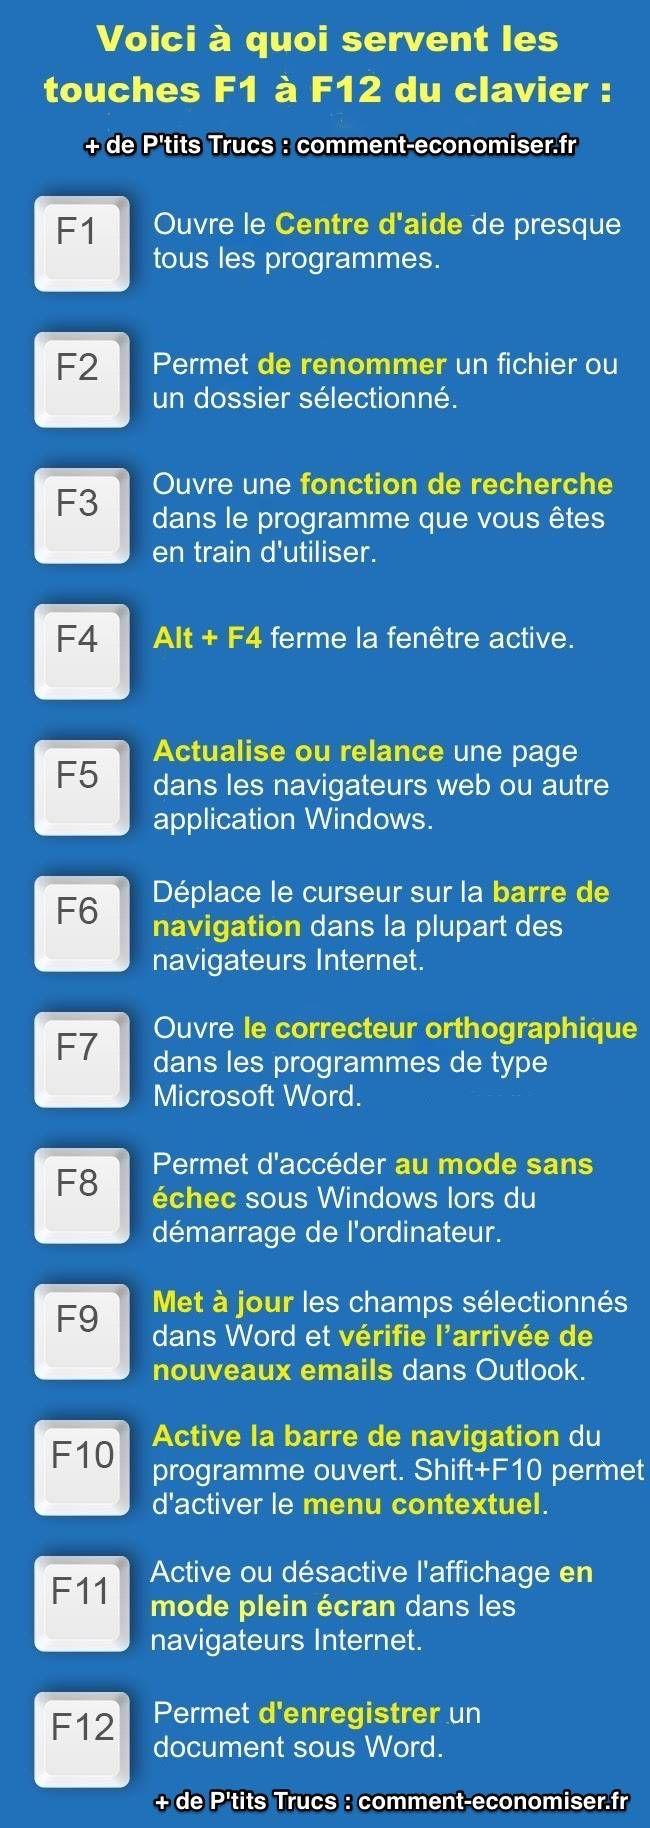 A quoi servent les touches F1 à F12 du clavier d'ordinateur Windows